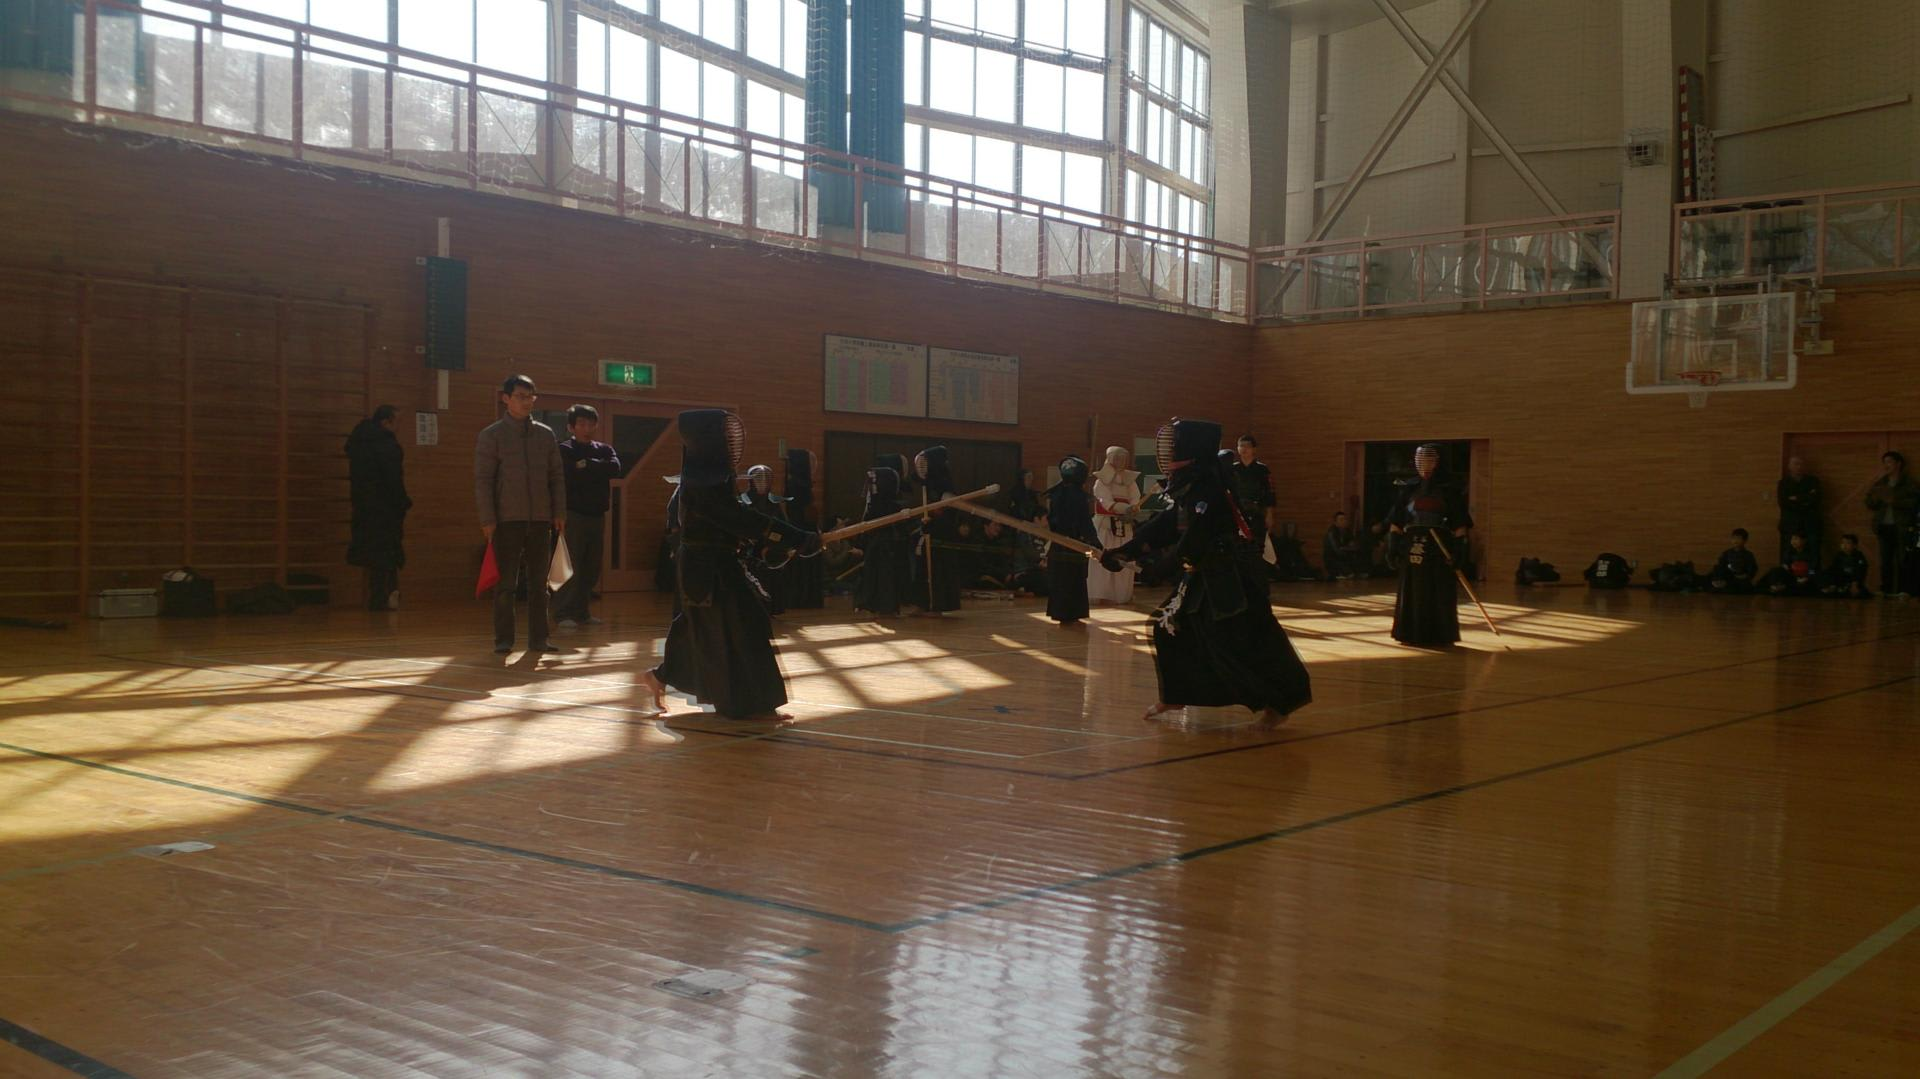 朝日町で・・・ - 吉剣剣士の徒然物語